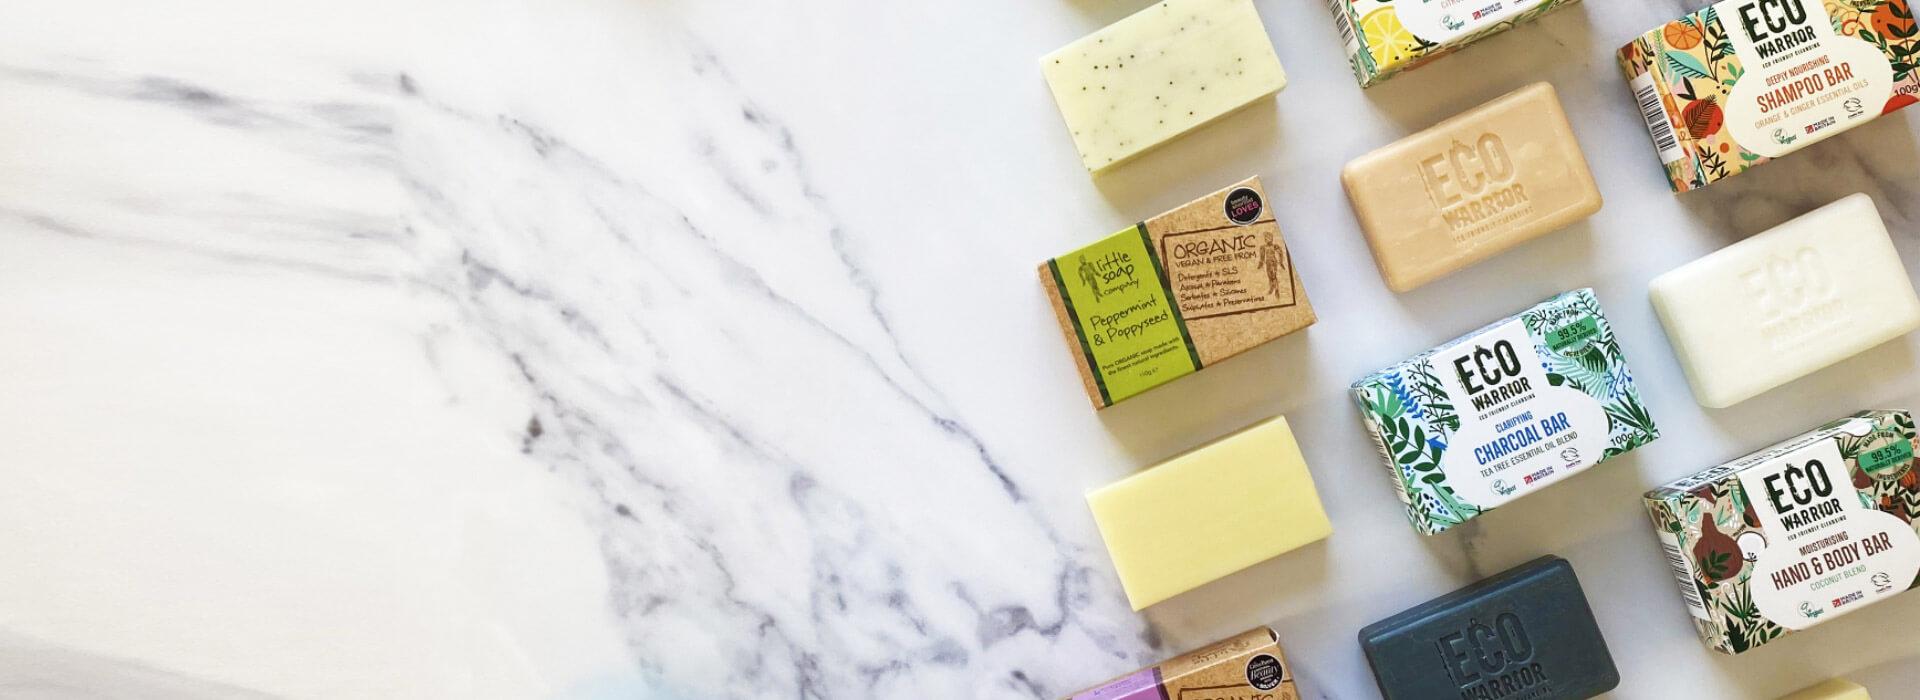 Bulk Buy Soap